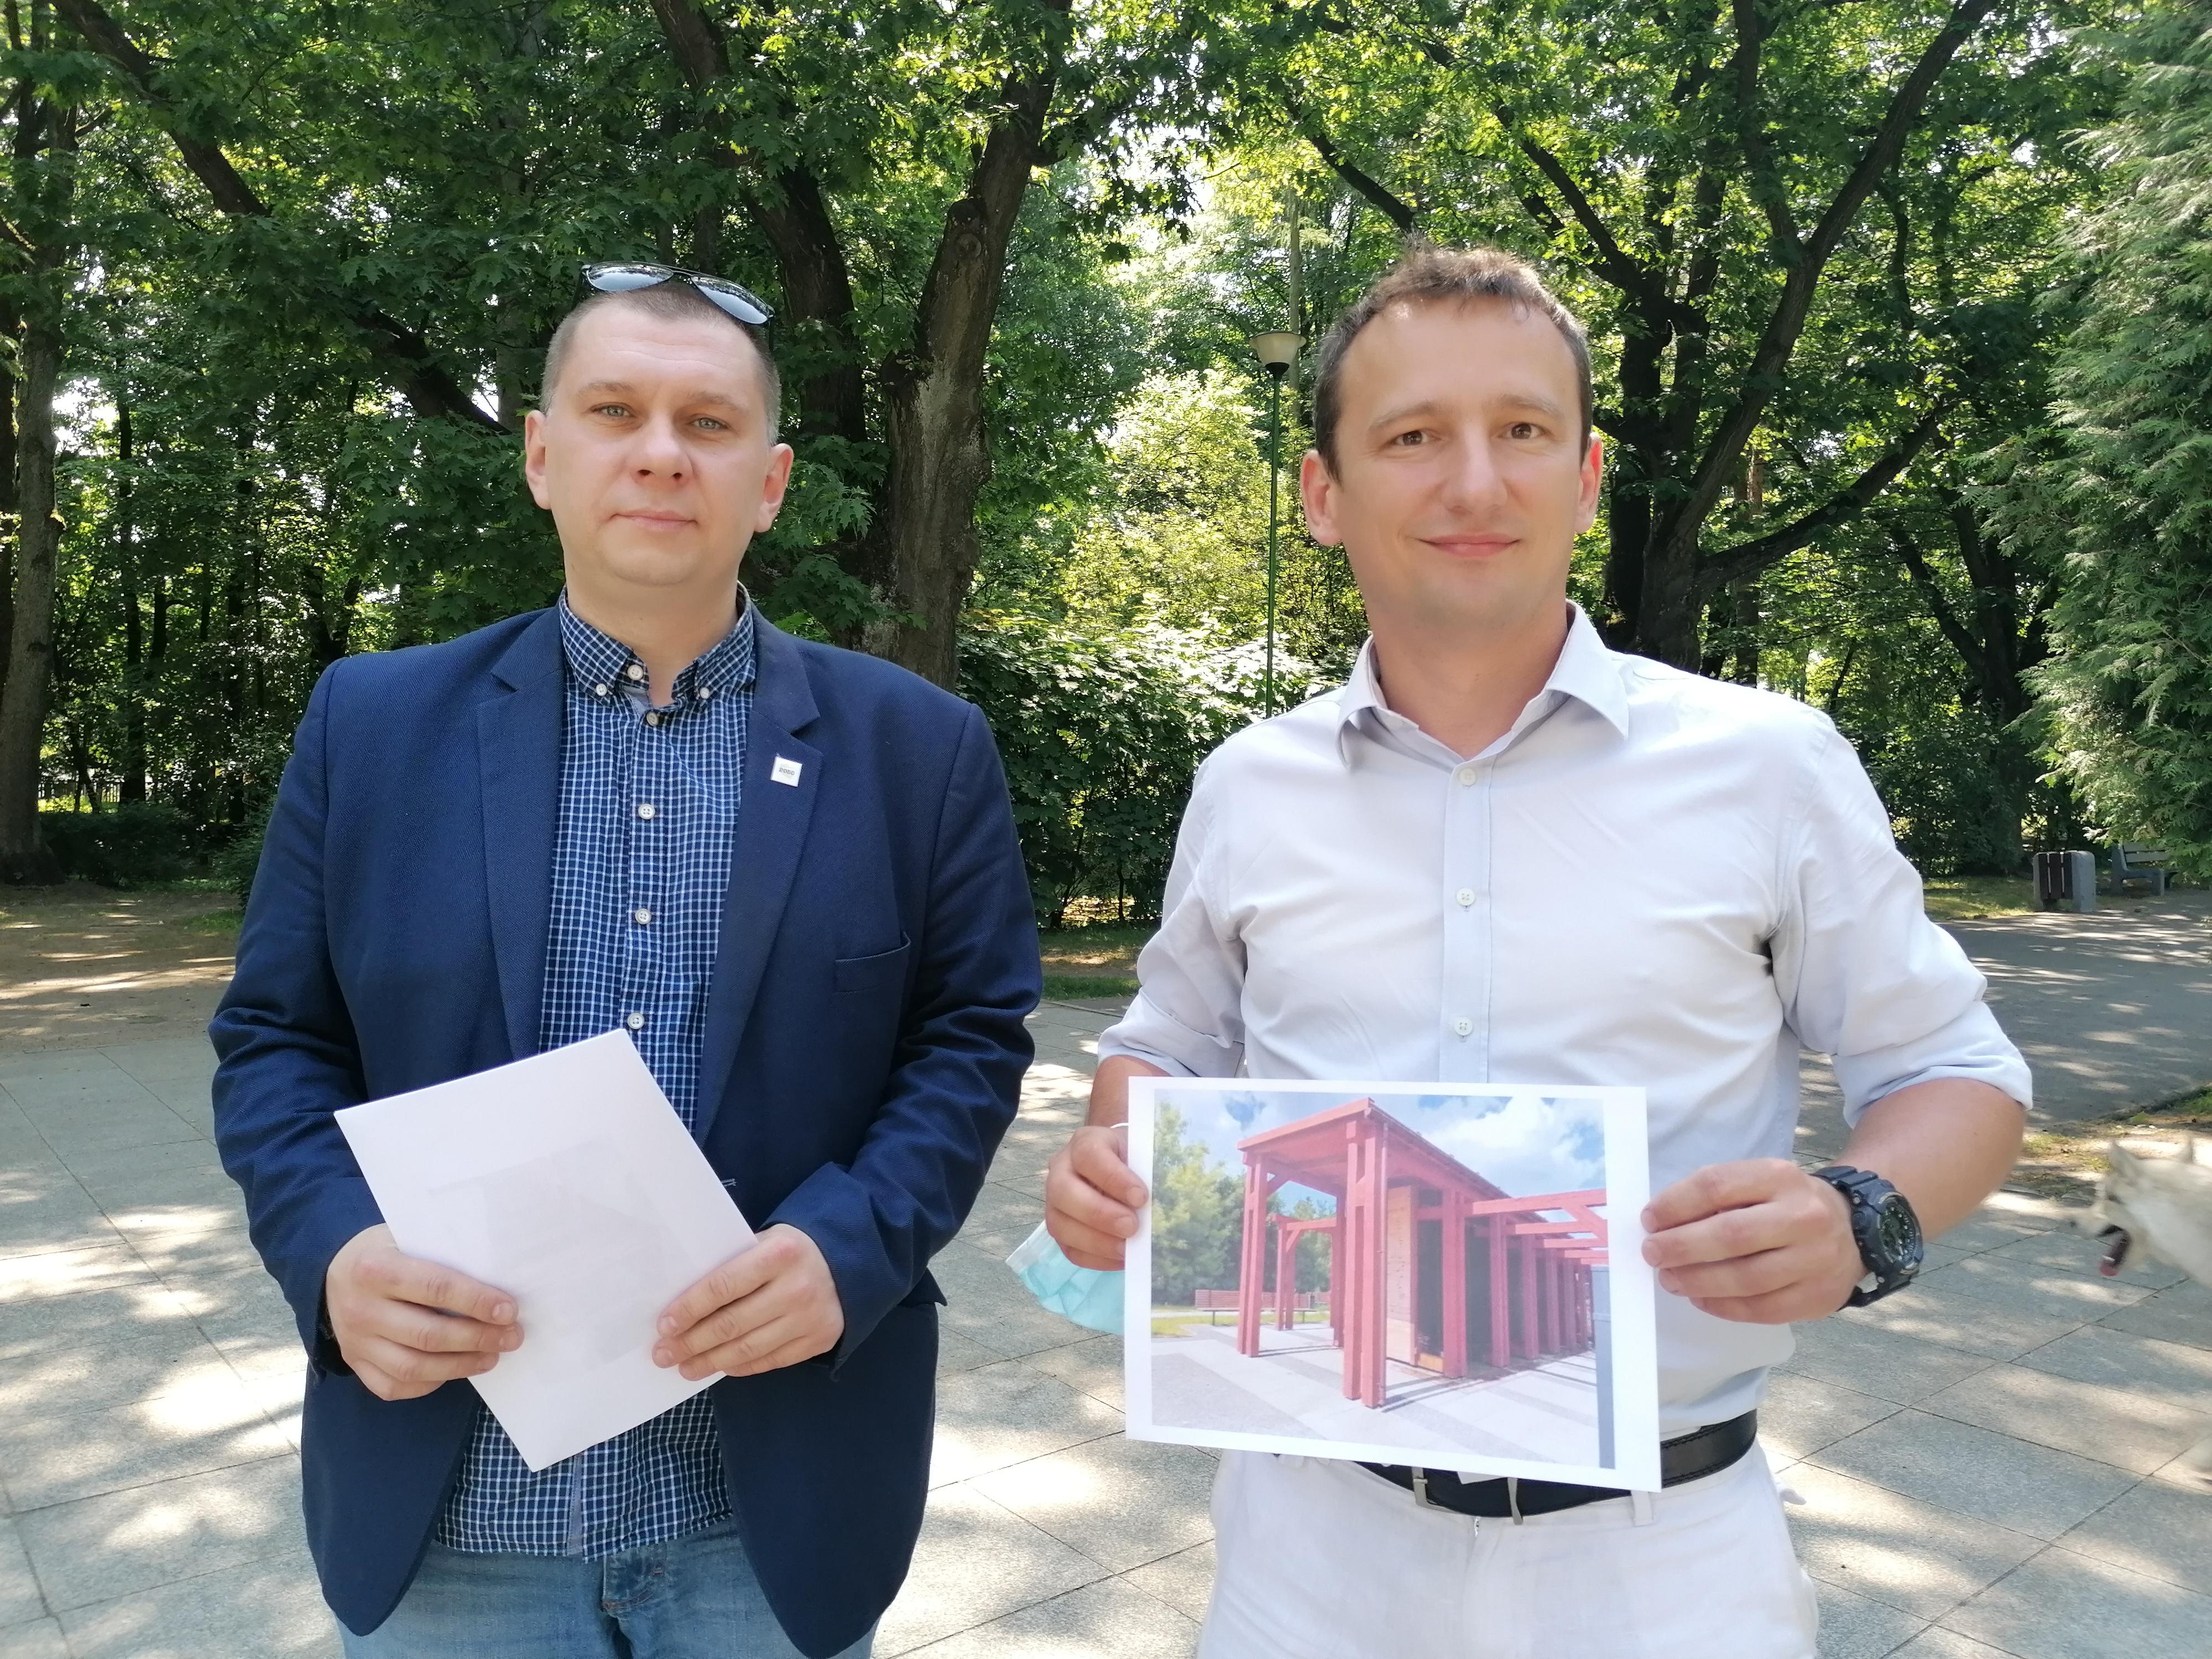 Dwaj mężczyźni stoją w parku